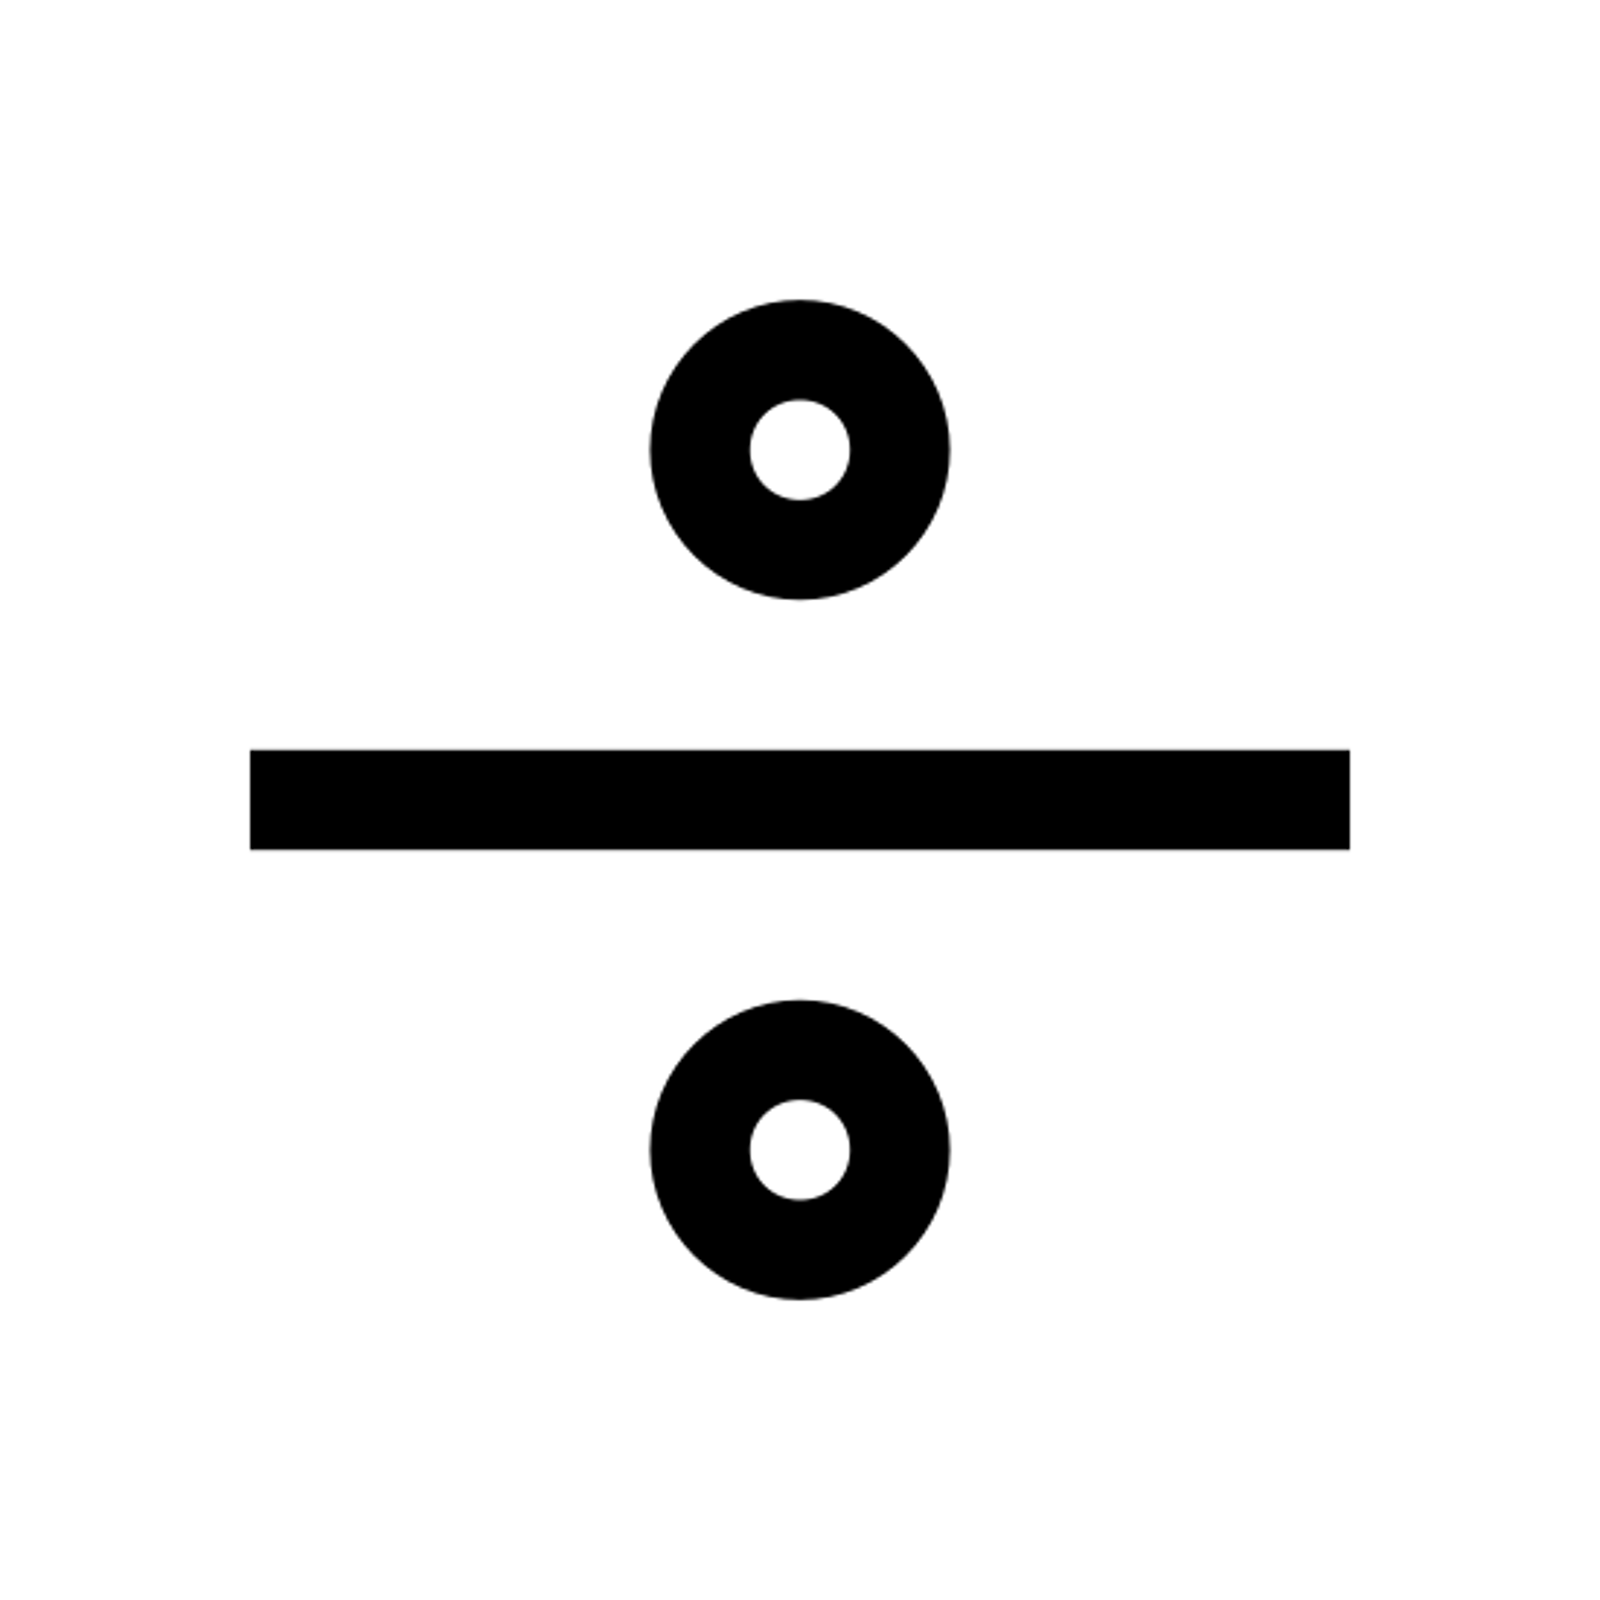 除 icon. This is a division symbol. It has a horizontal line with two circles. There is a circle underneath the line and above it.